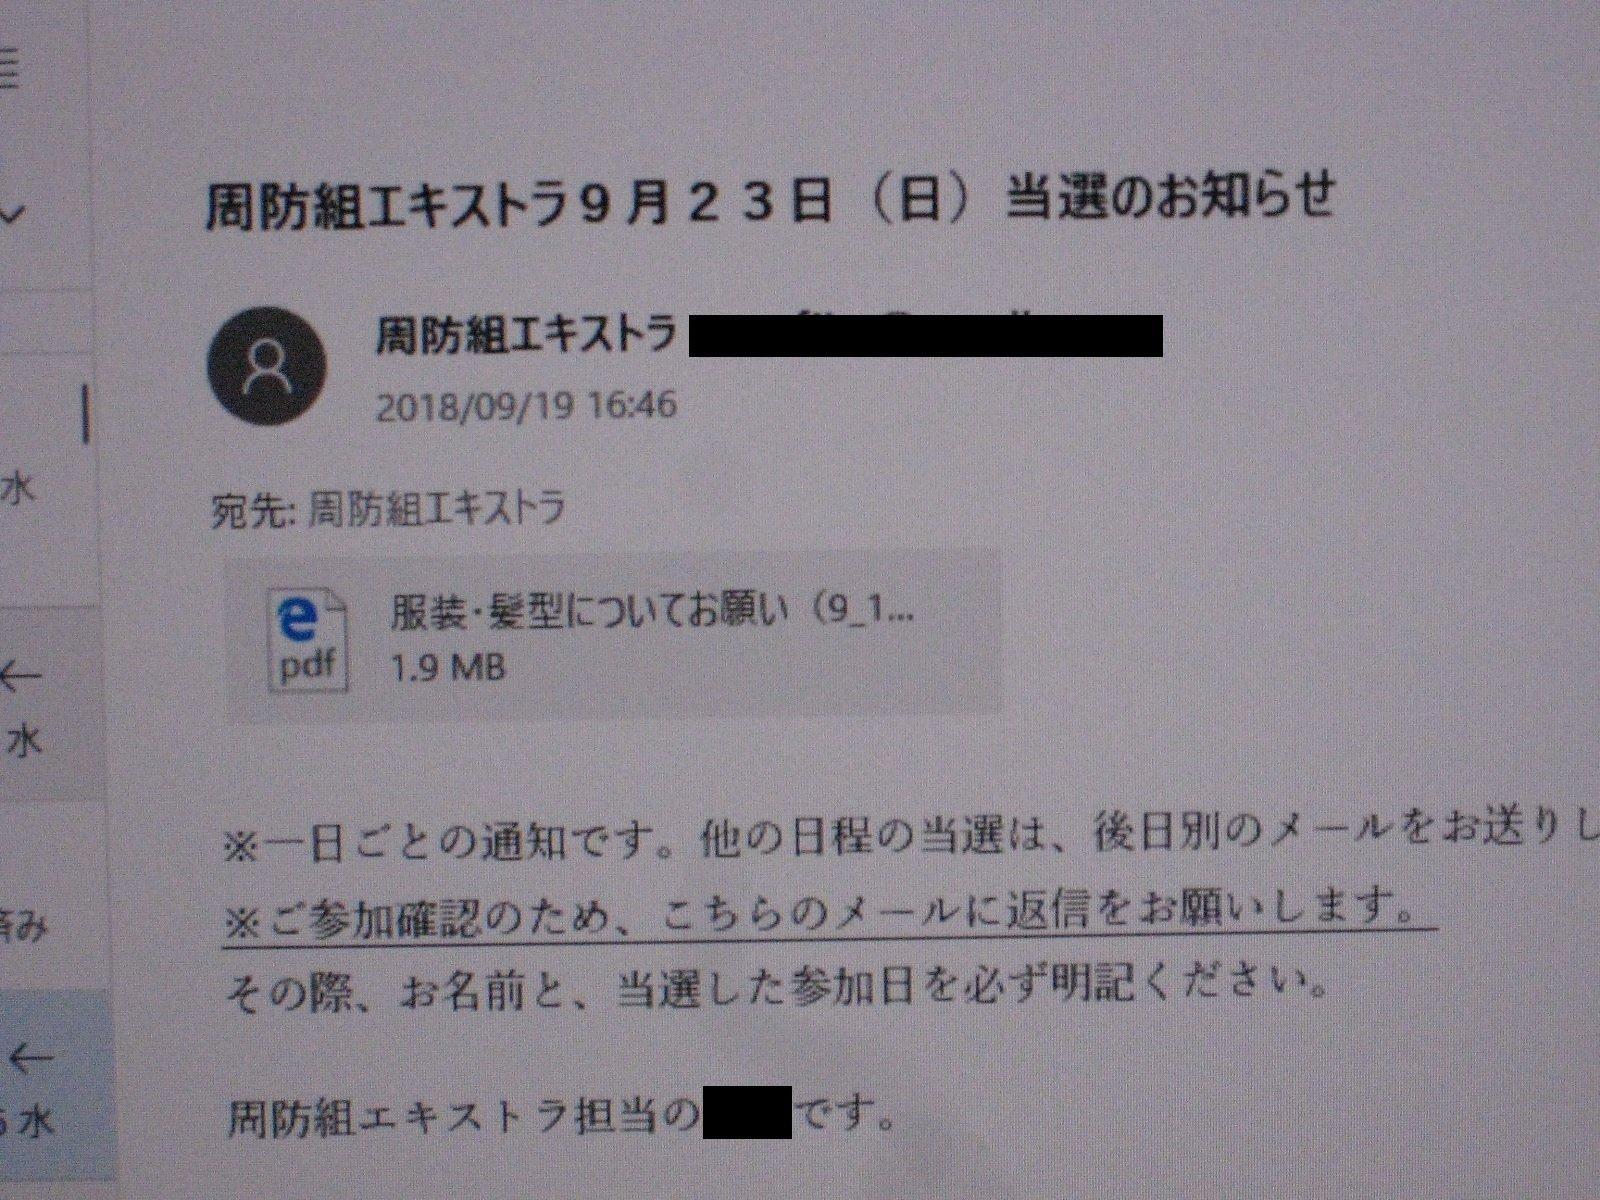 周防組エキストラ9月23日(日)当選のお知らせ